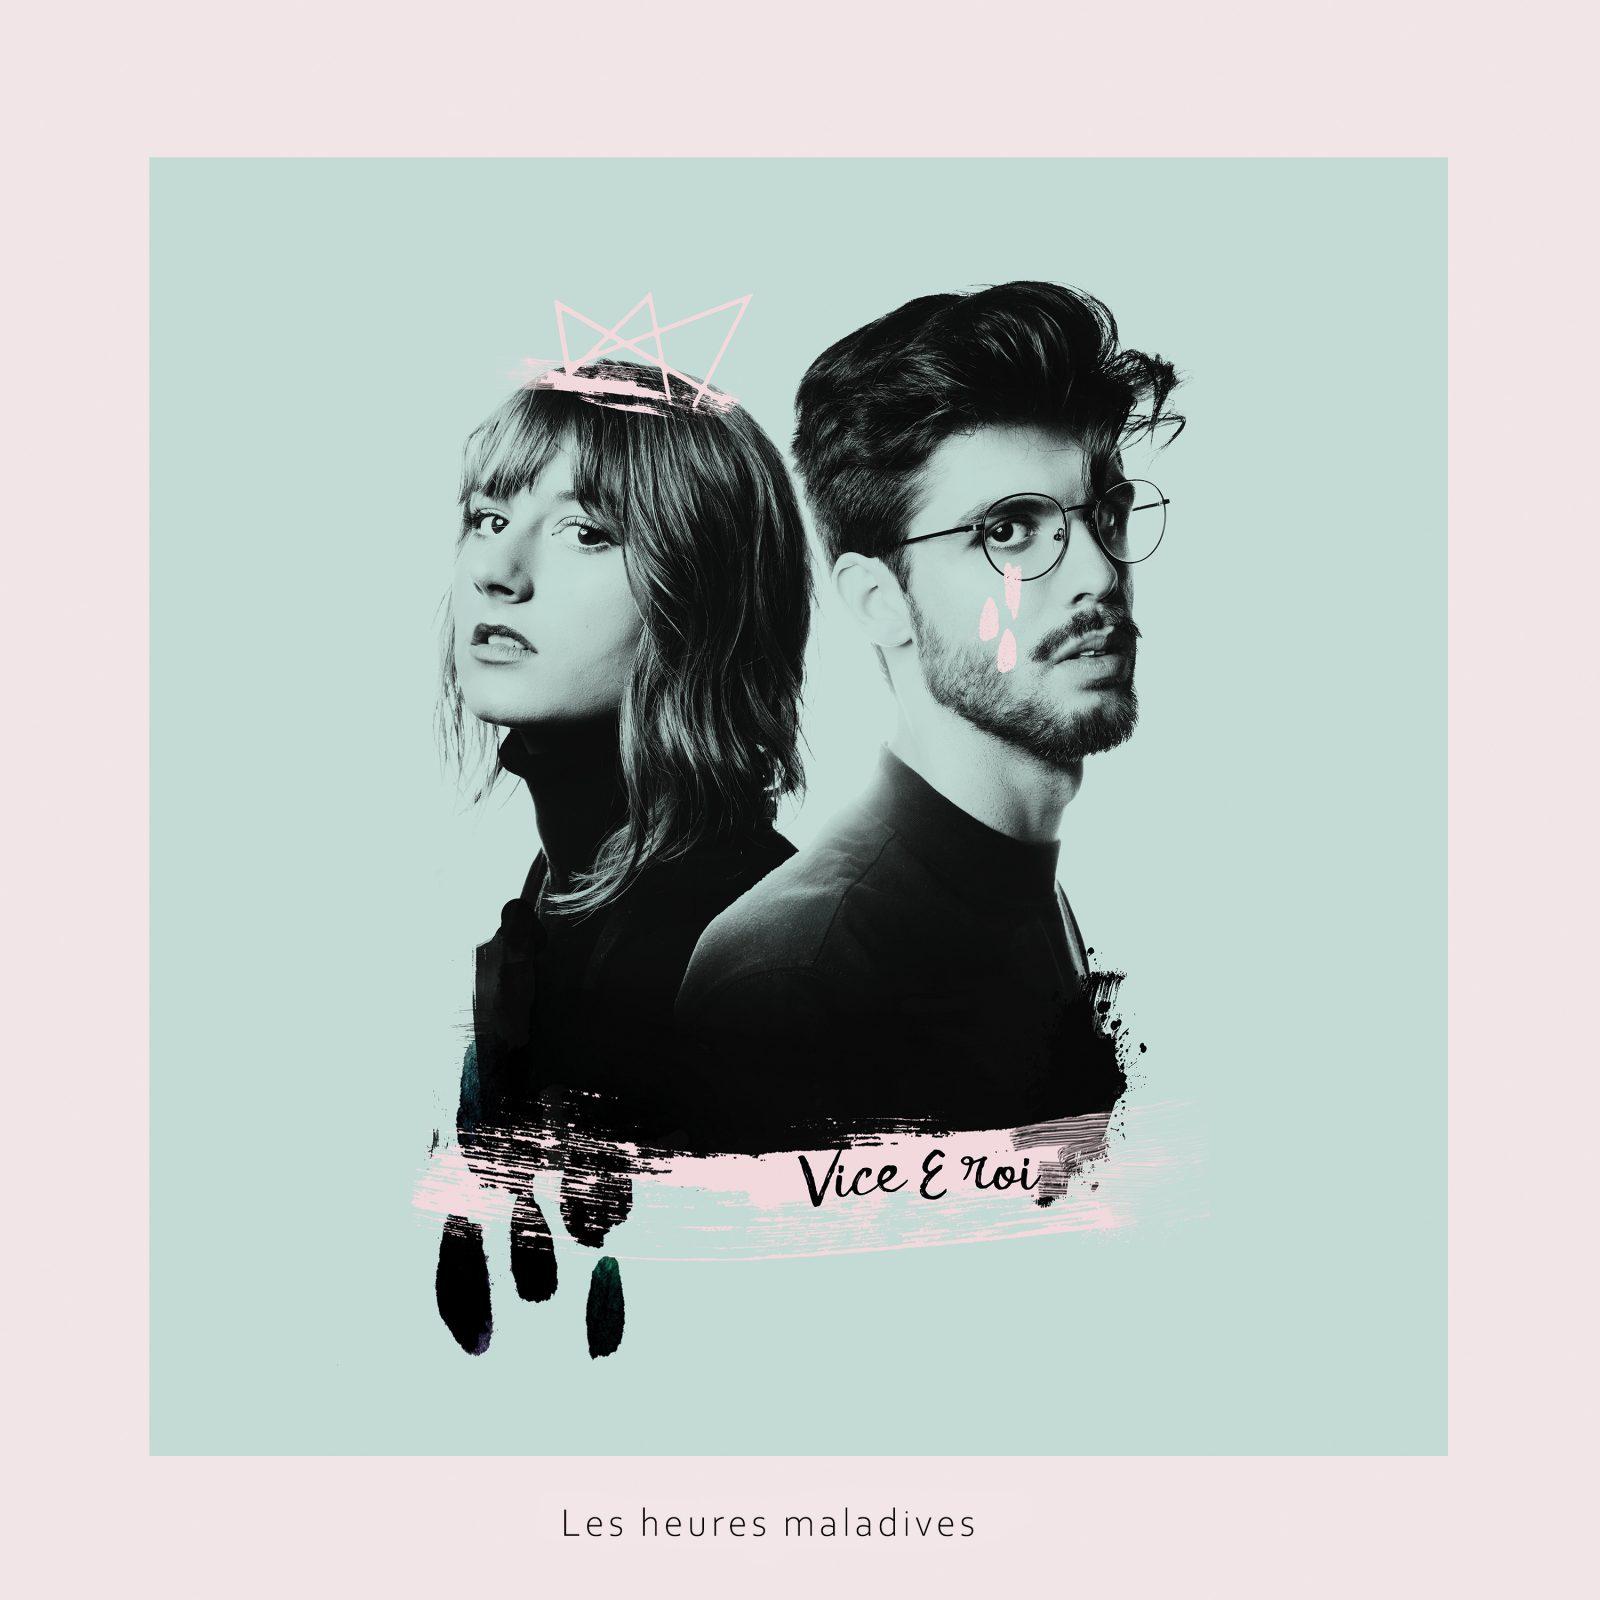 Vice E Roi : Un deuxième album pour le duo régional